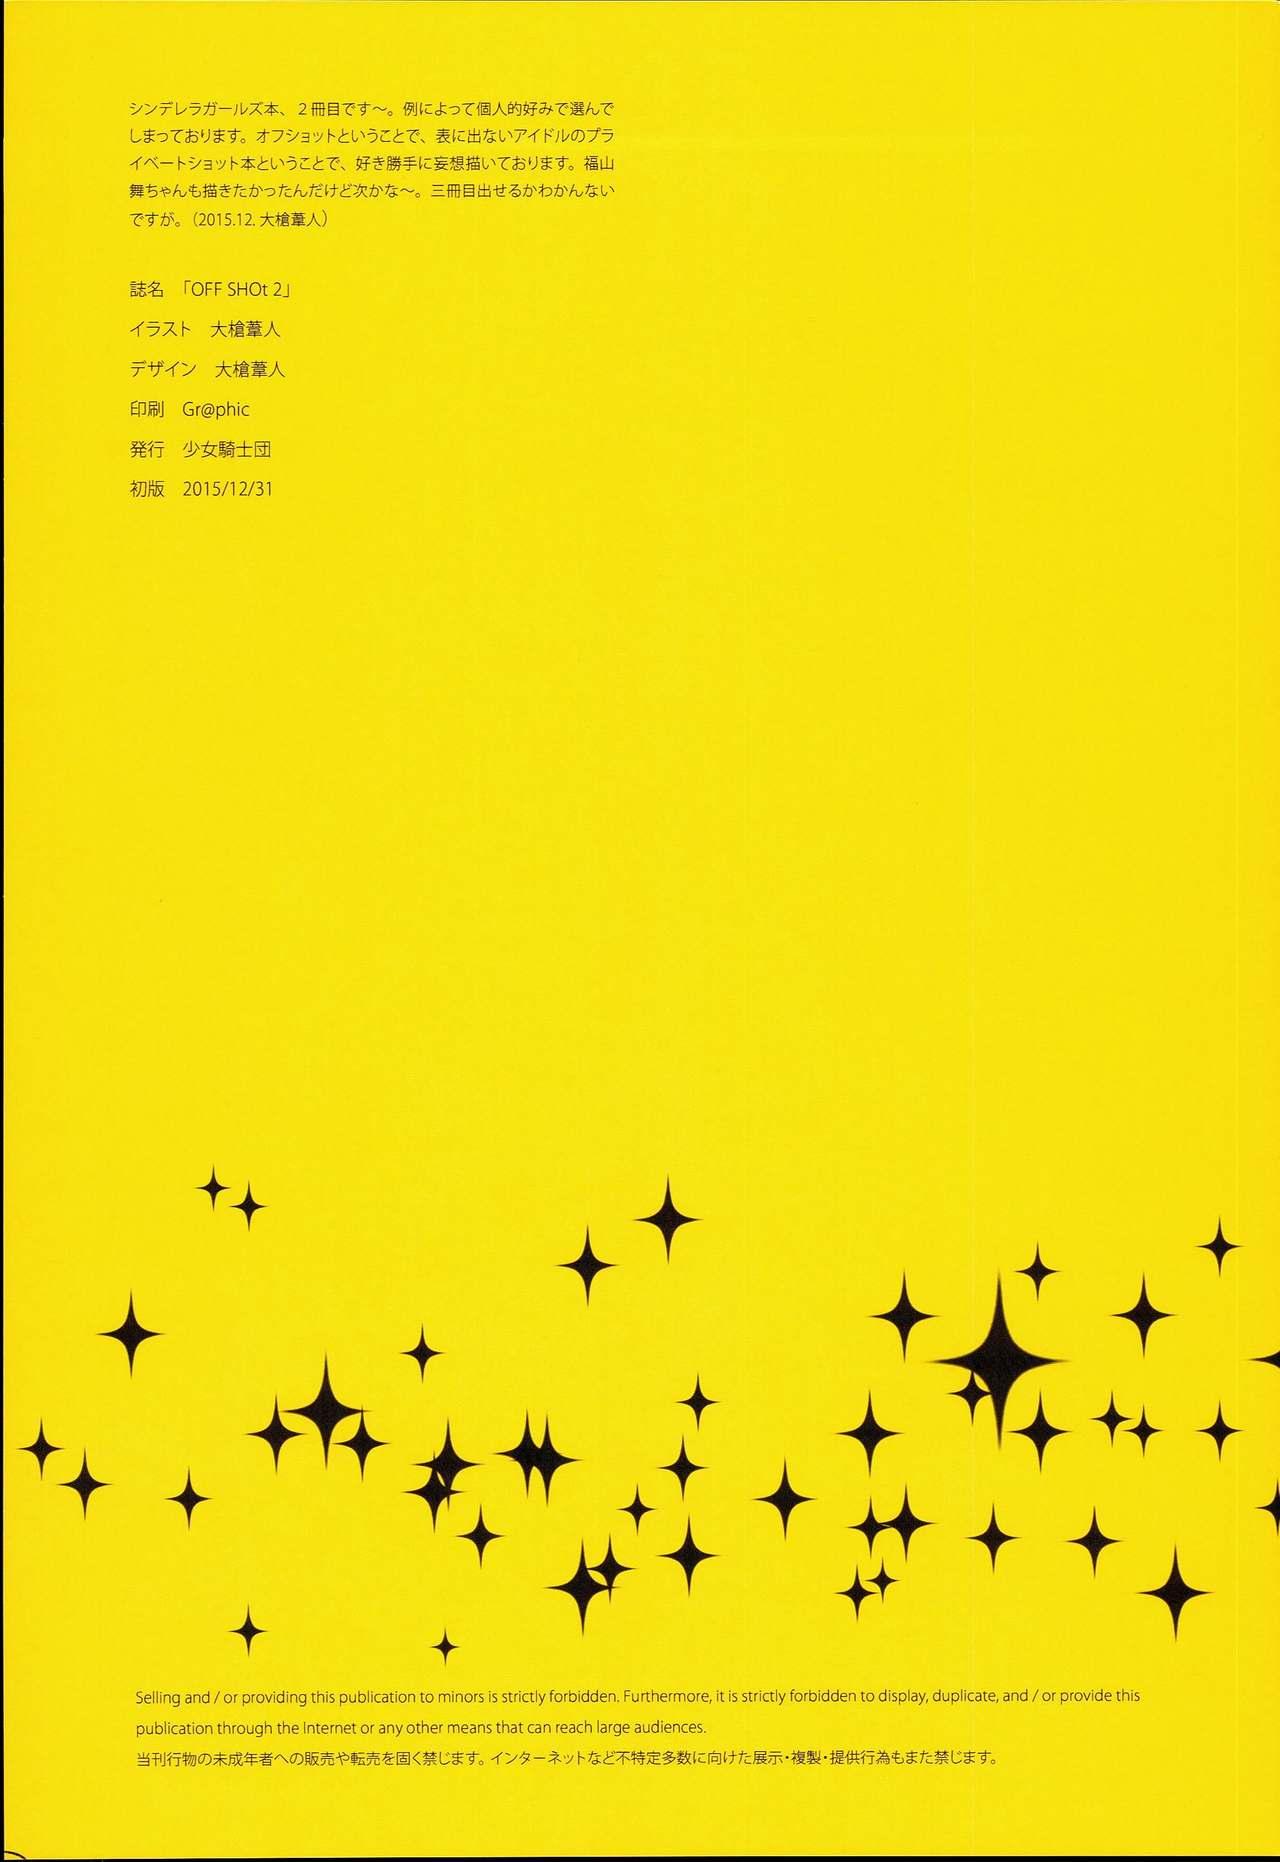 【同人】OFF SHOt 2☆【アイドルマスター】